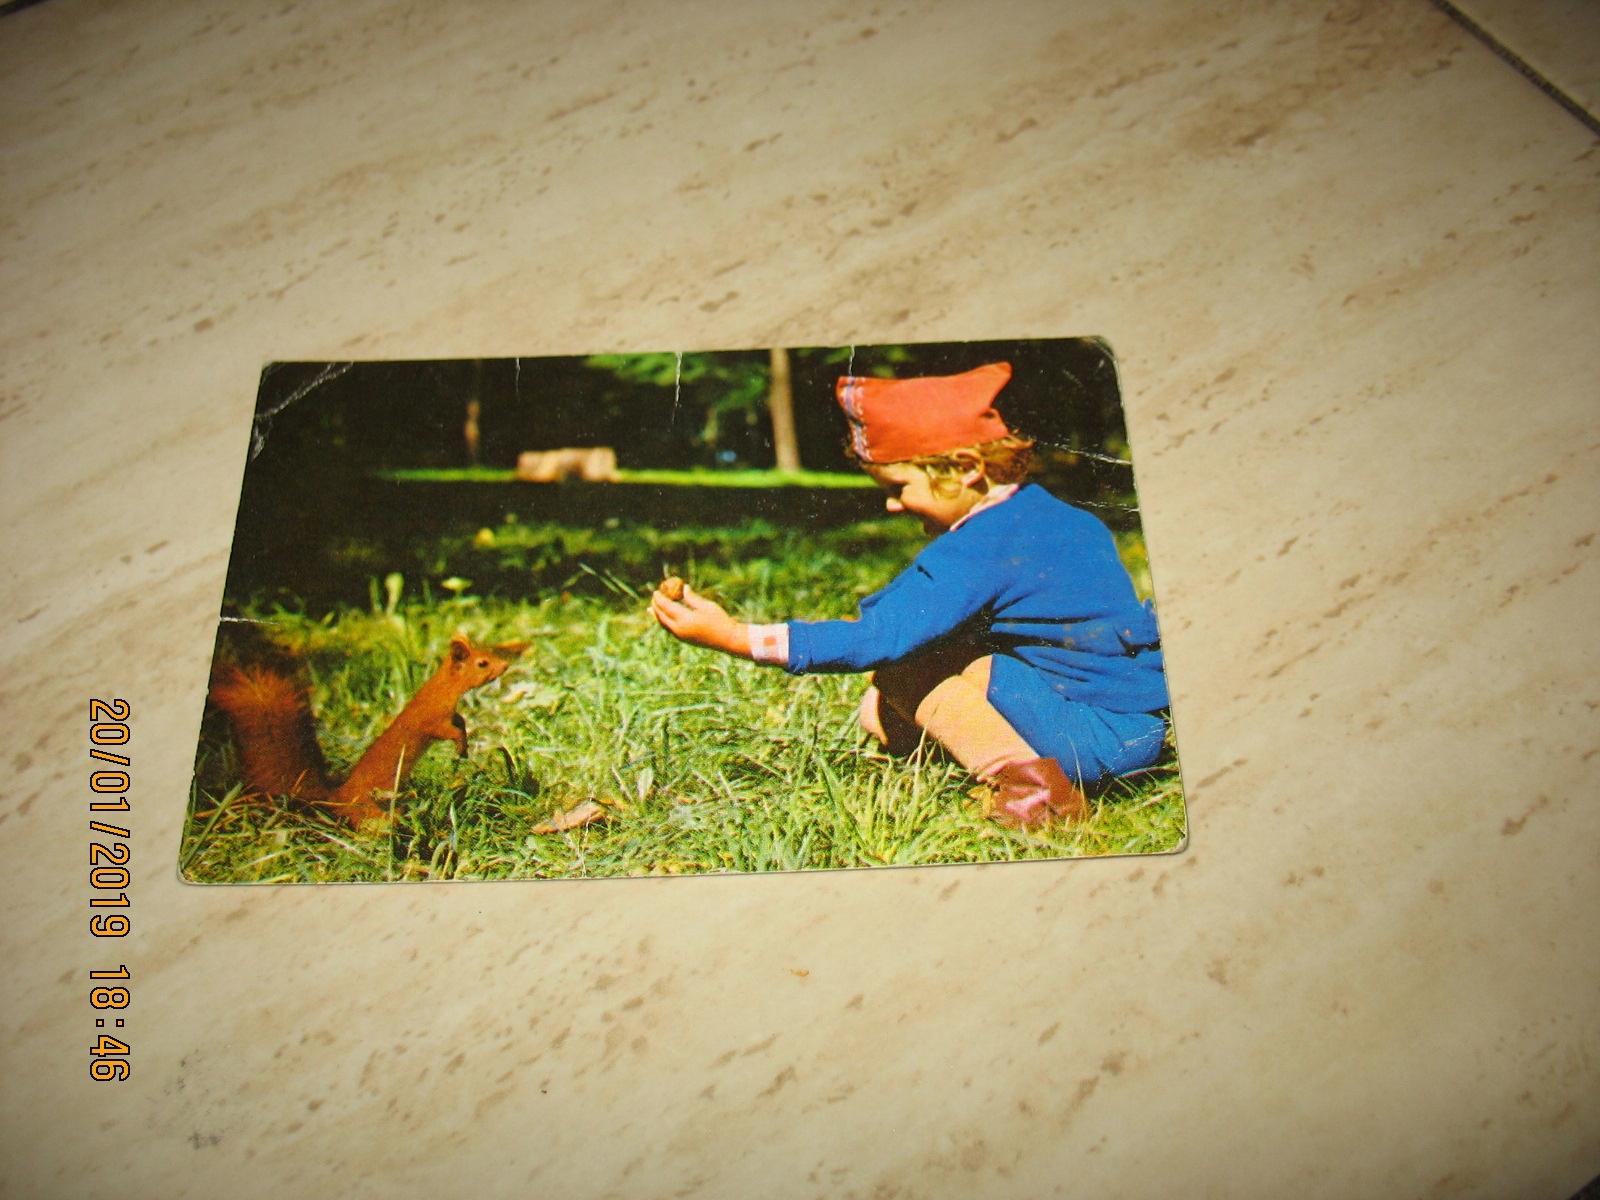 Wiewiórka dziecko stara pocztówka